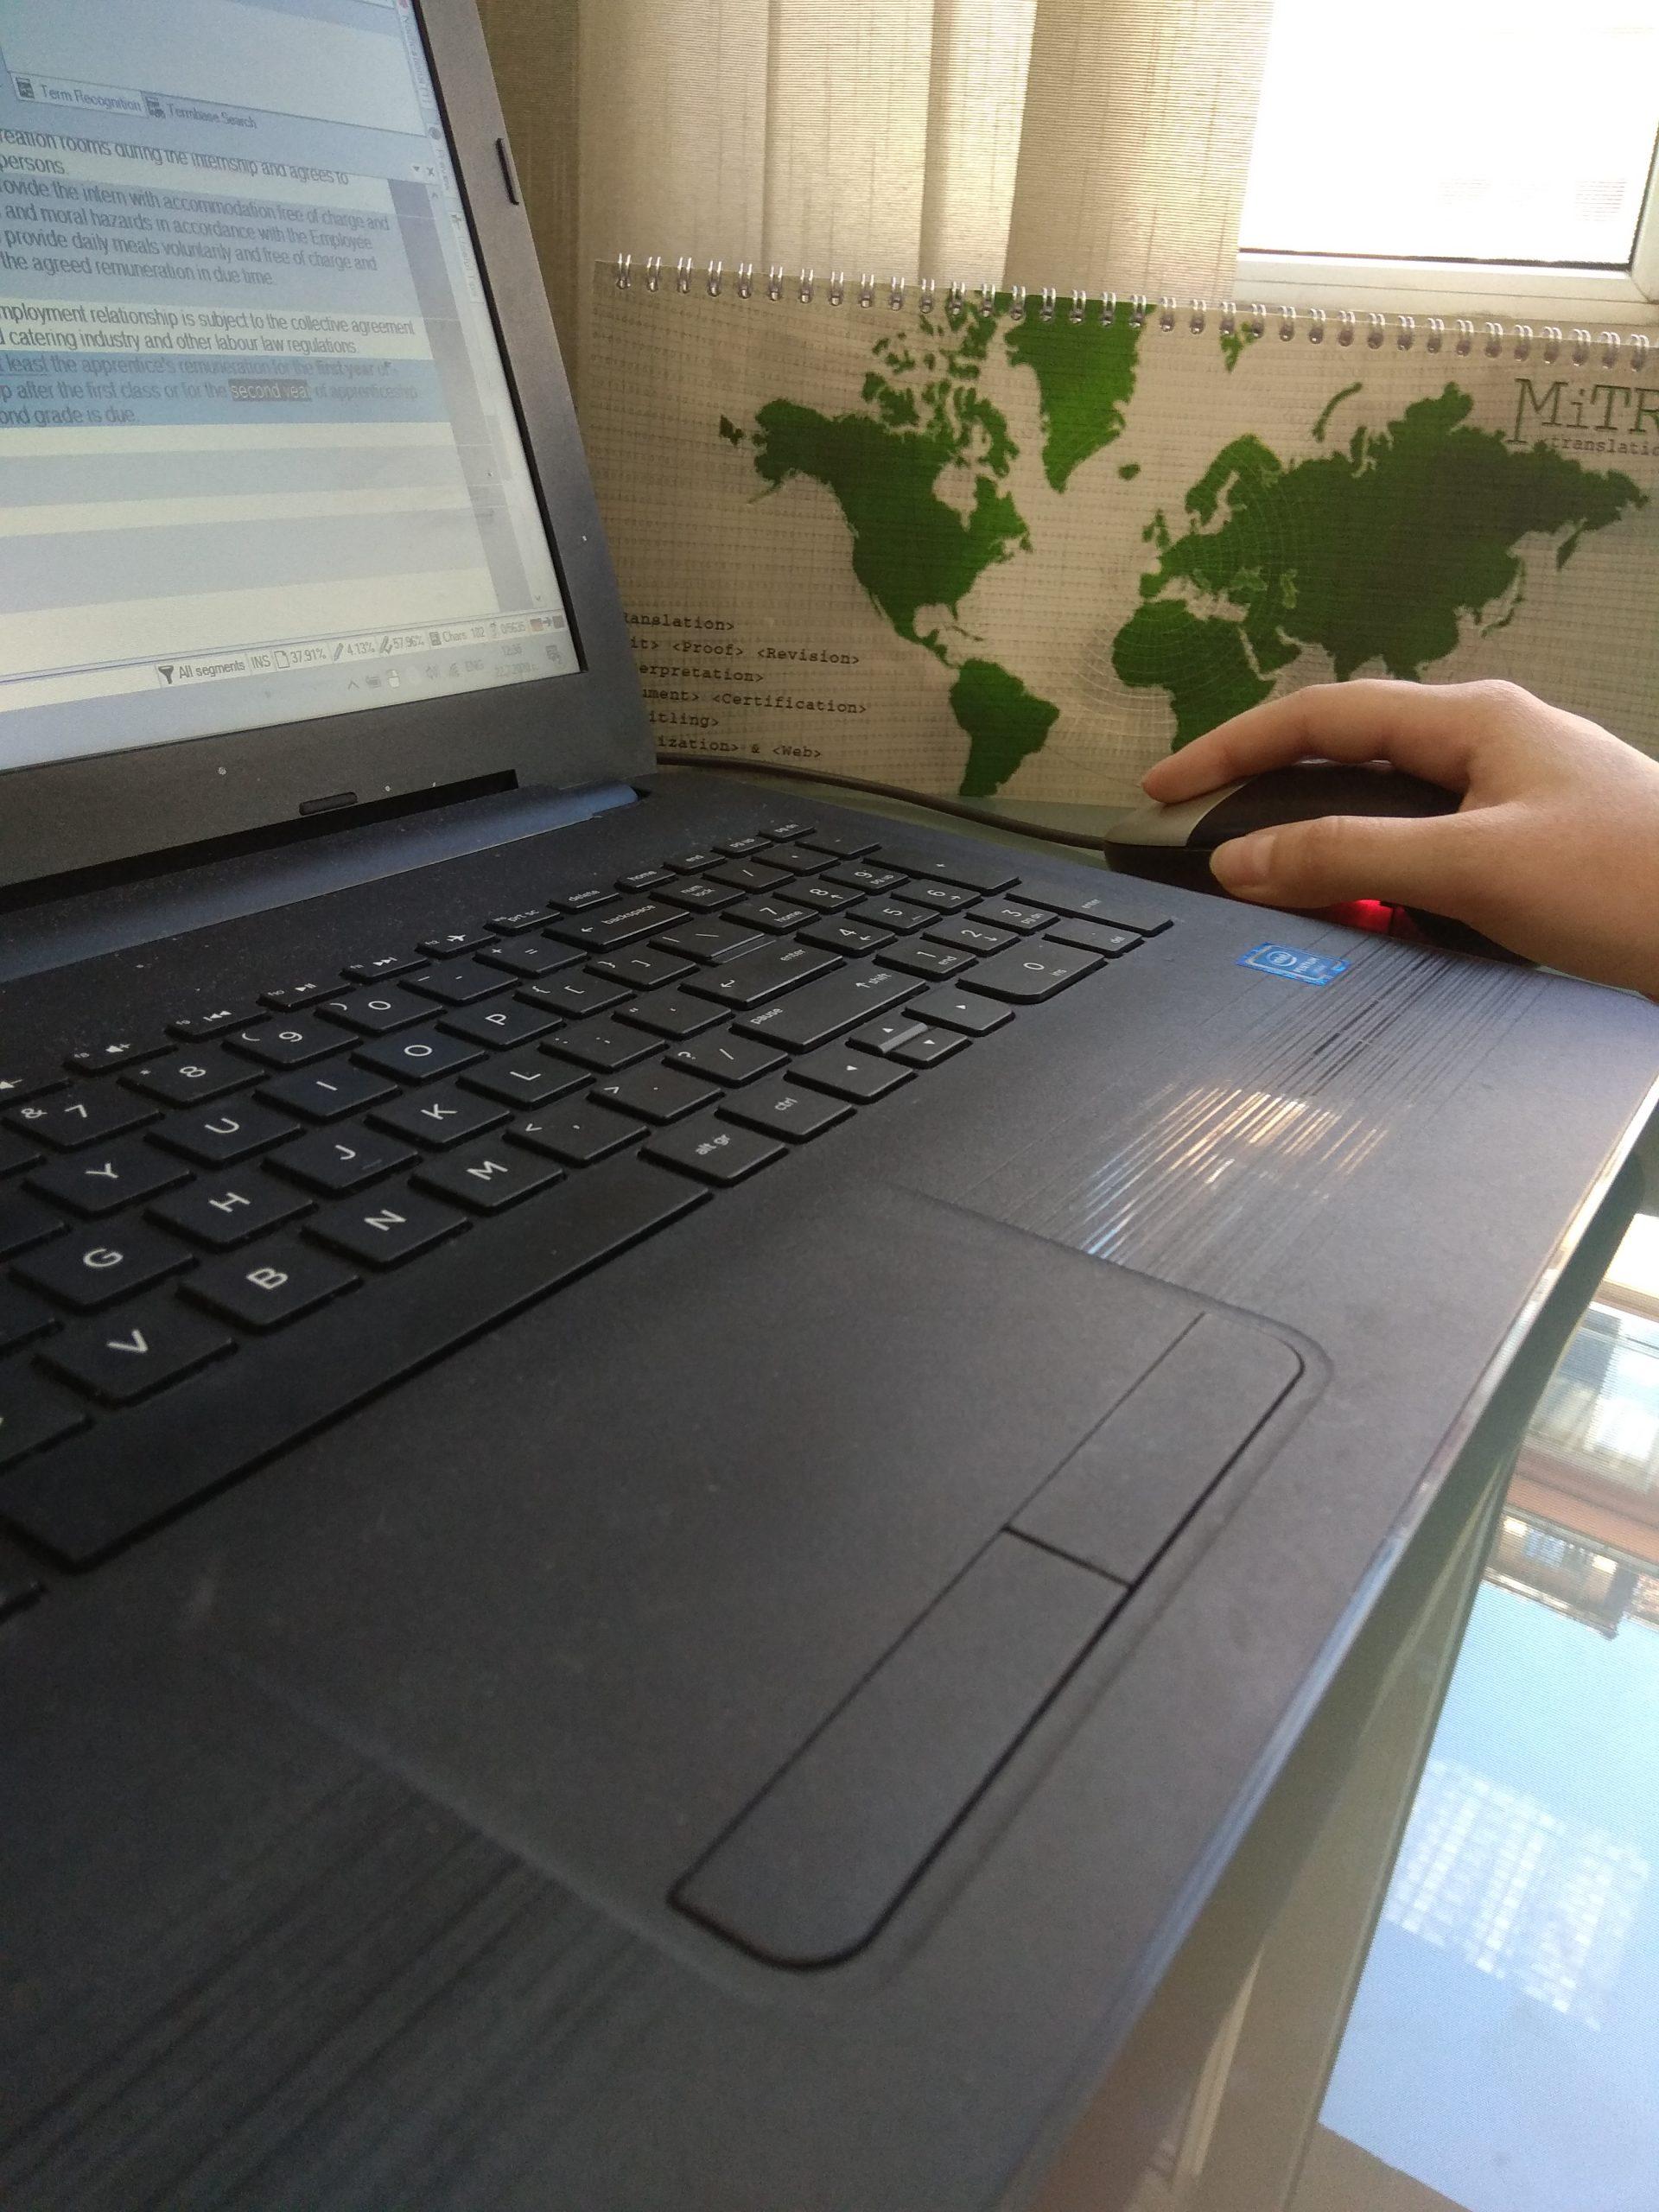 Student Halyna Maslak workign on her laptop